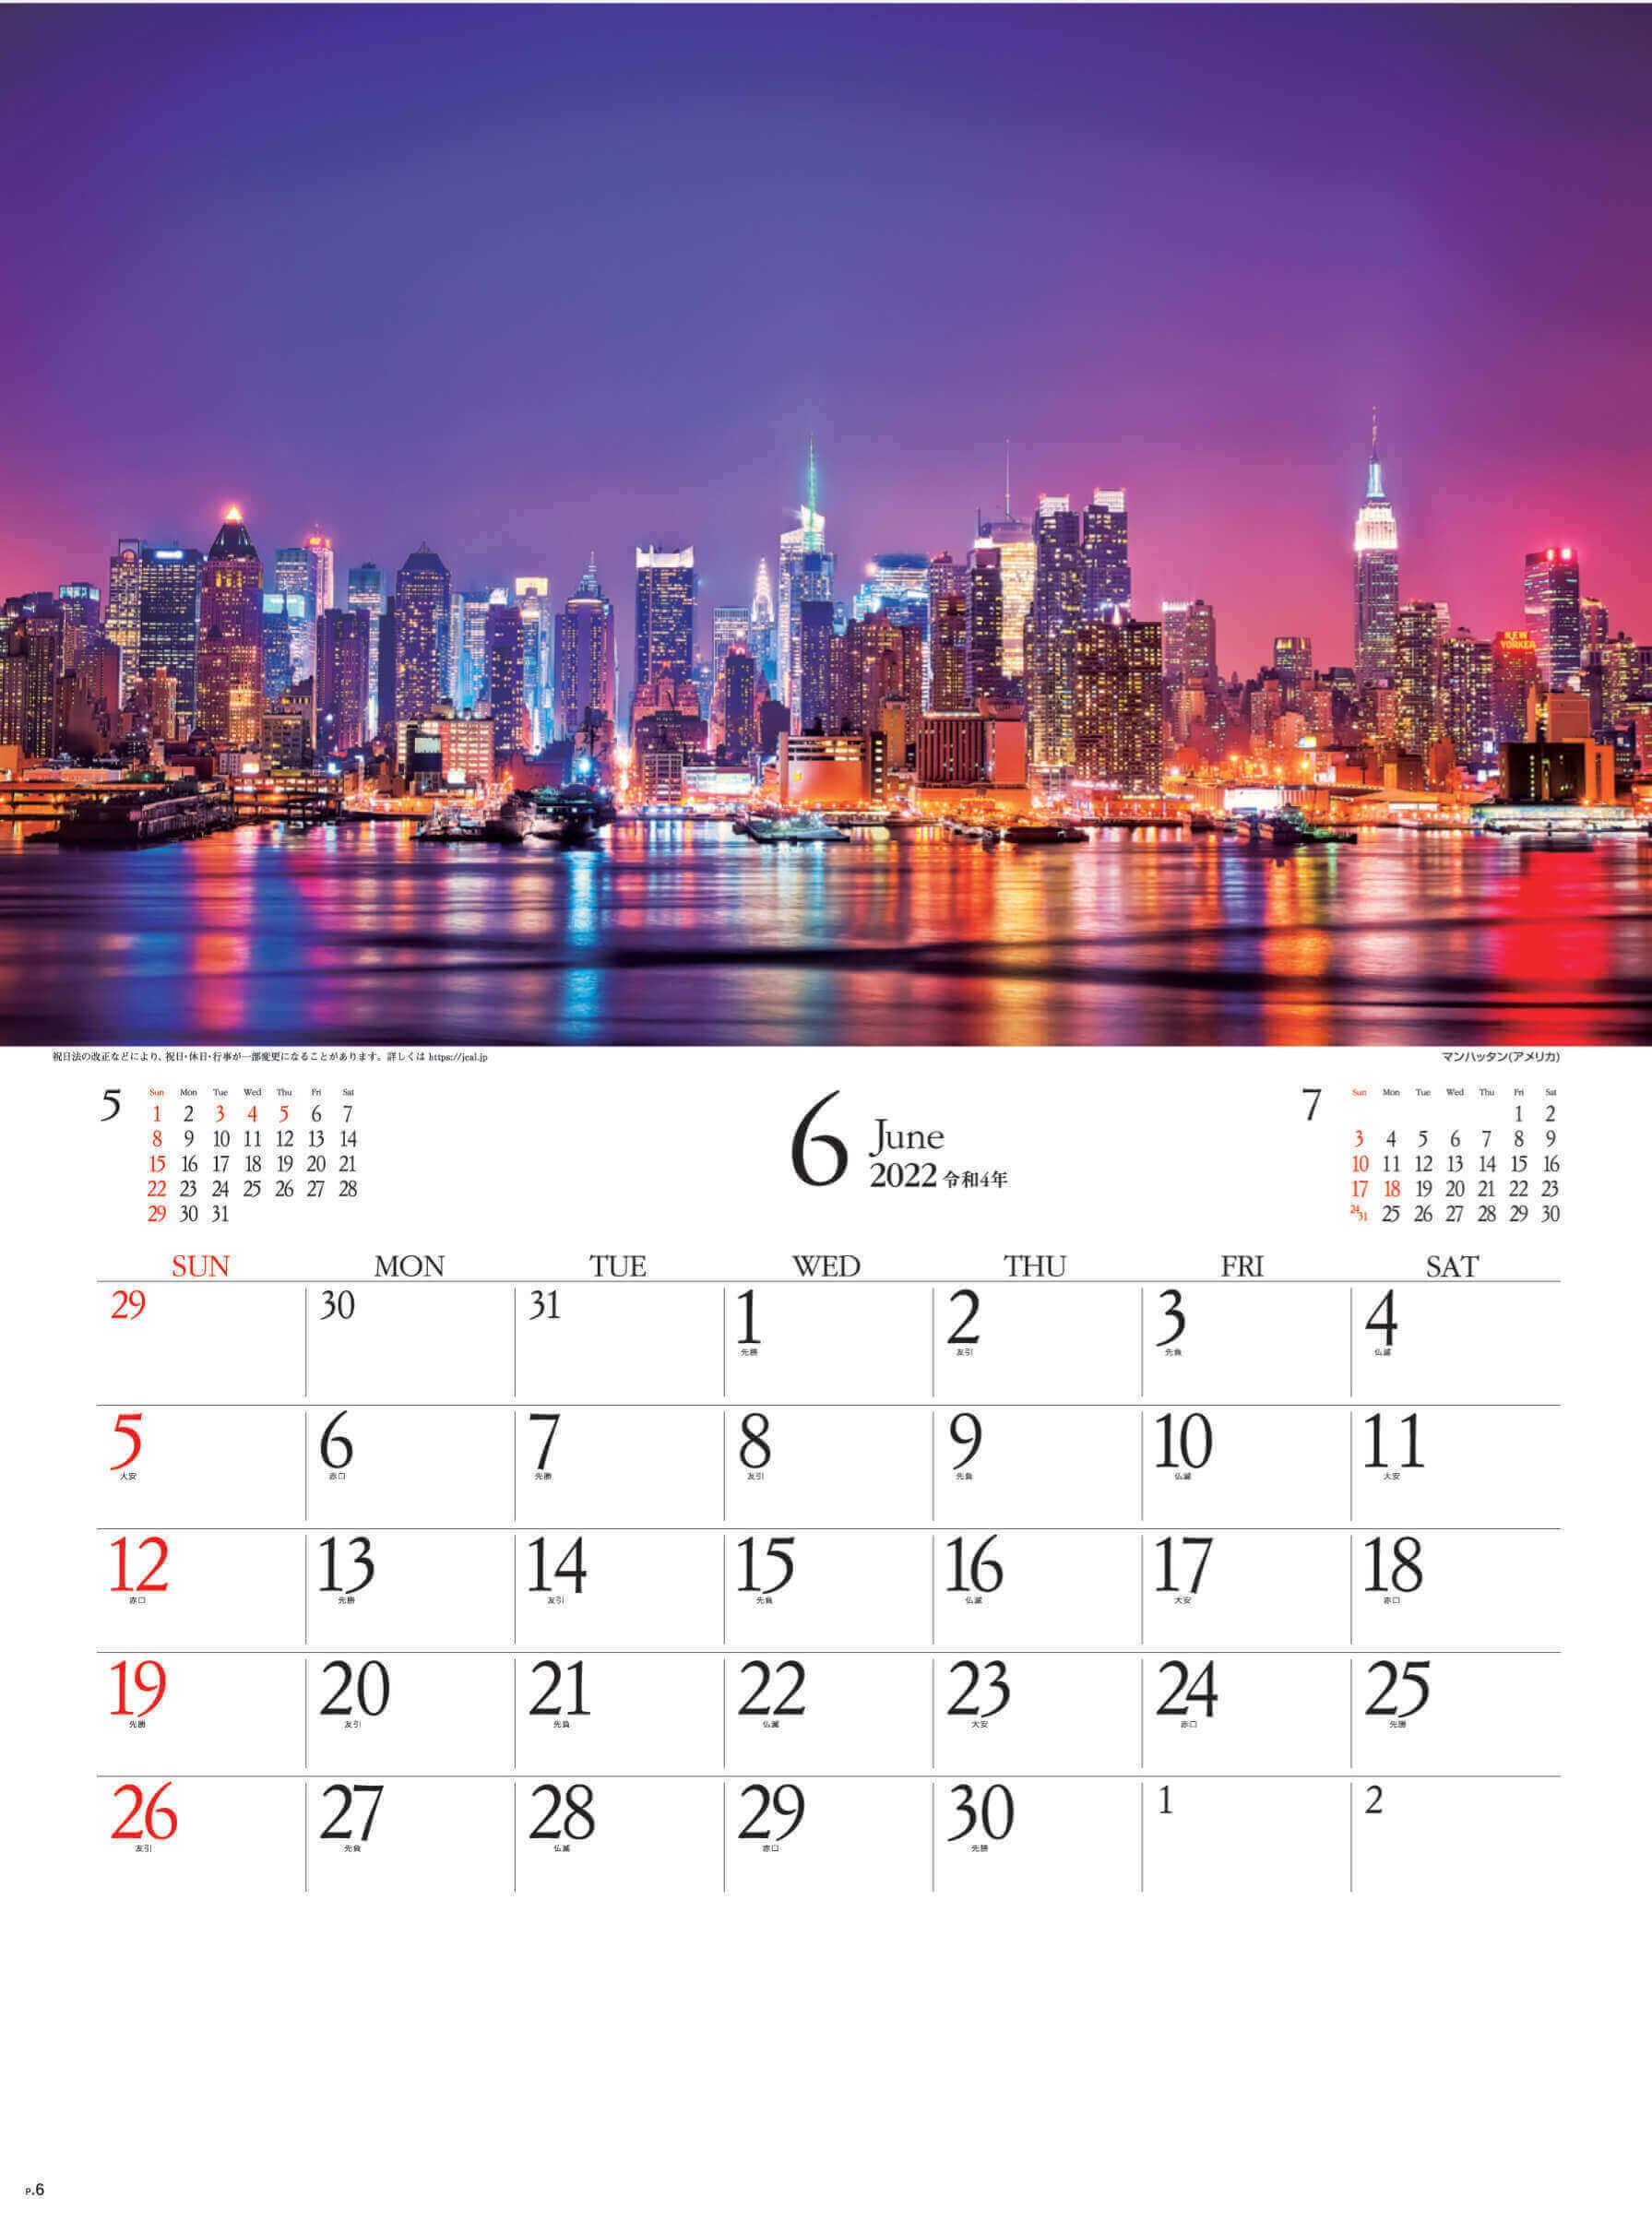 6月 マンハタン アメリカ エンドレスシティ・世界の夜景 2022年カレンダーの画像